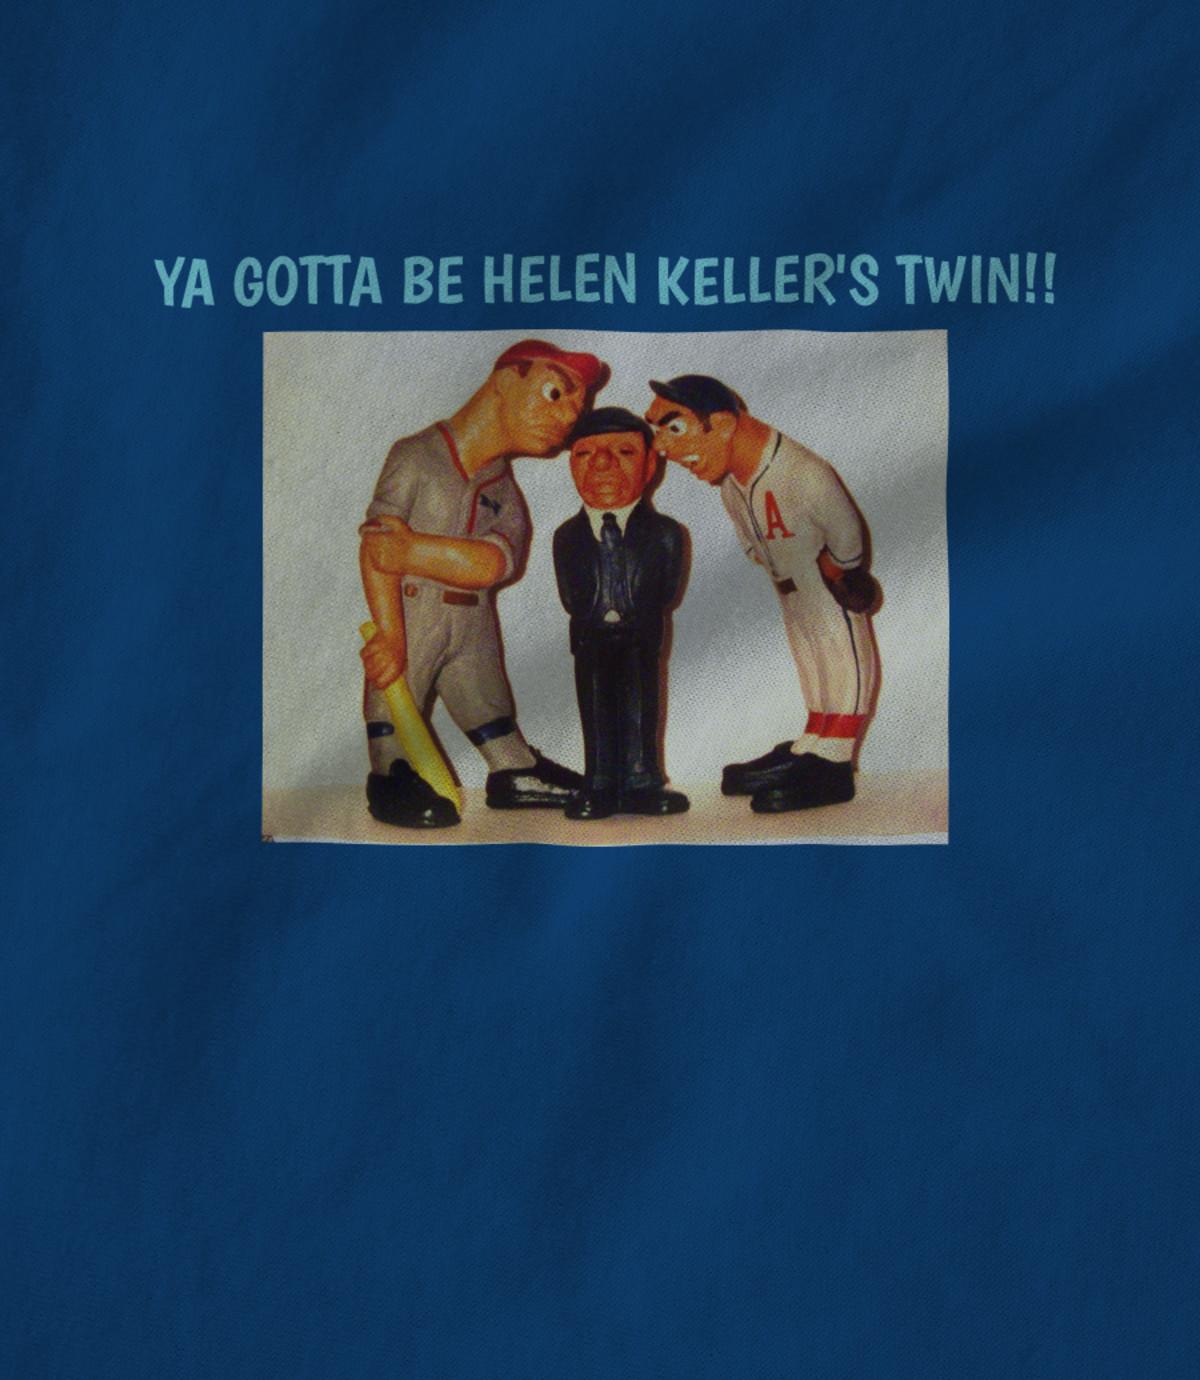 Matthew f  blowers iii ya gotta be helen keller s twin   1505939042